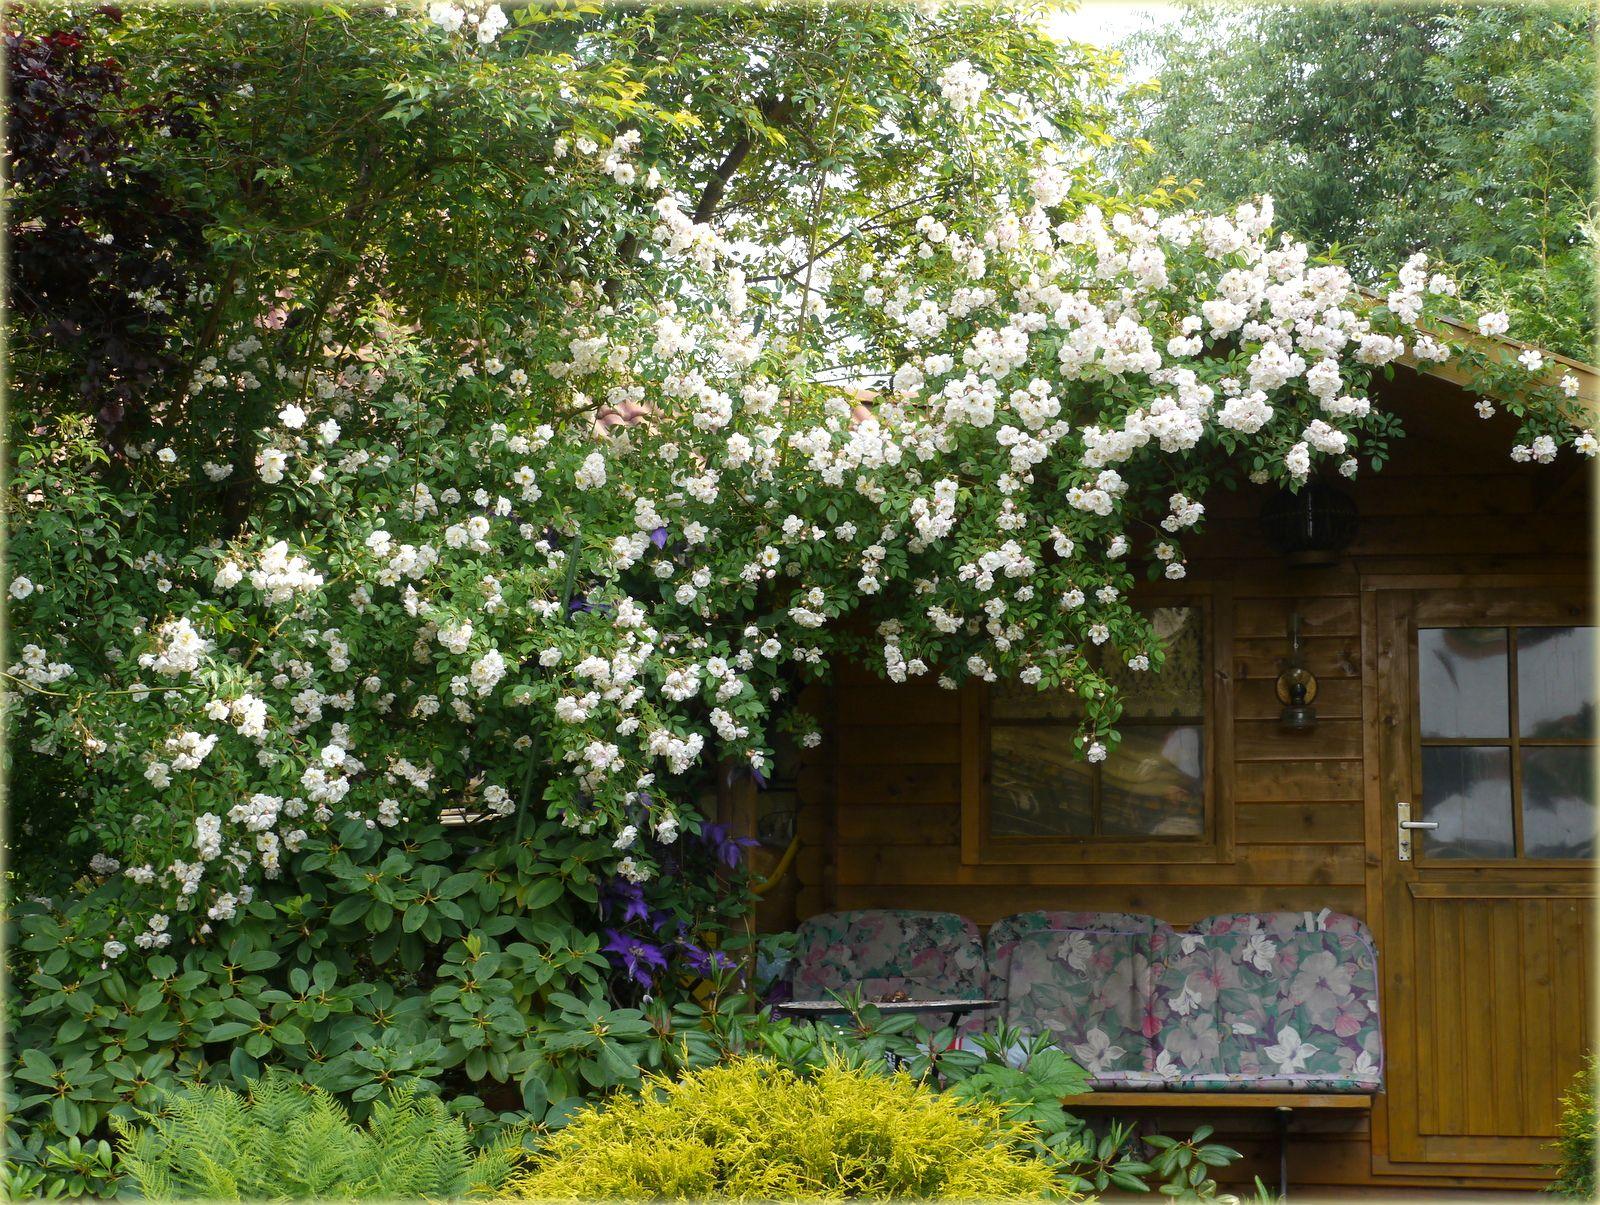 Gräsergarten Bilder ramblerrose am gartenhaus bilder und fotos garden